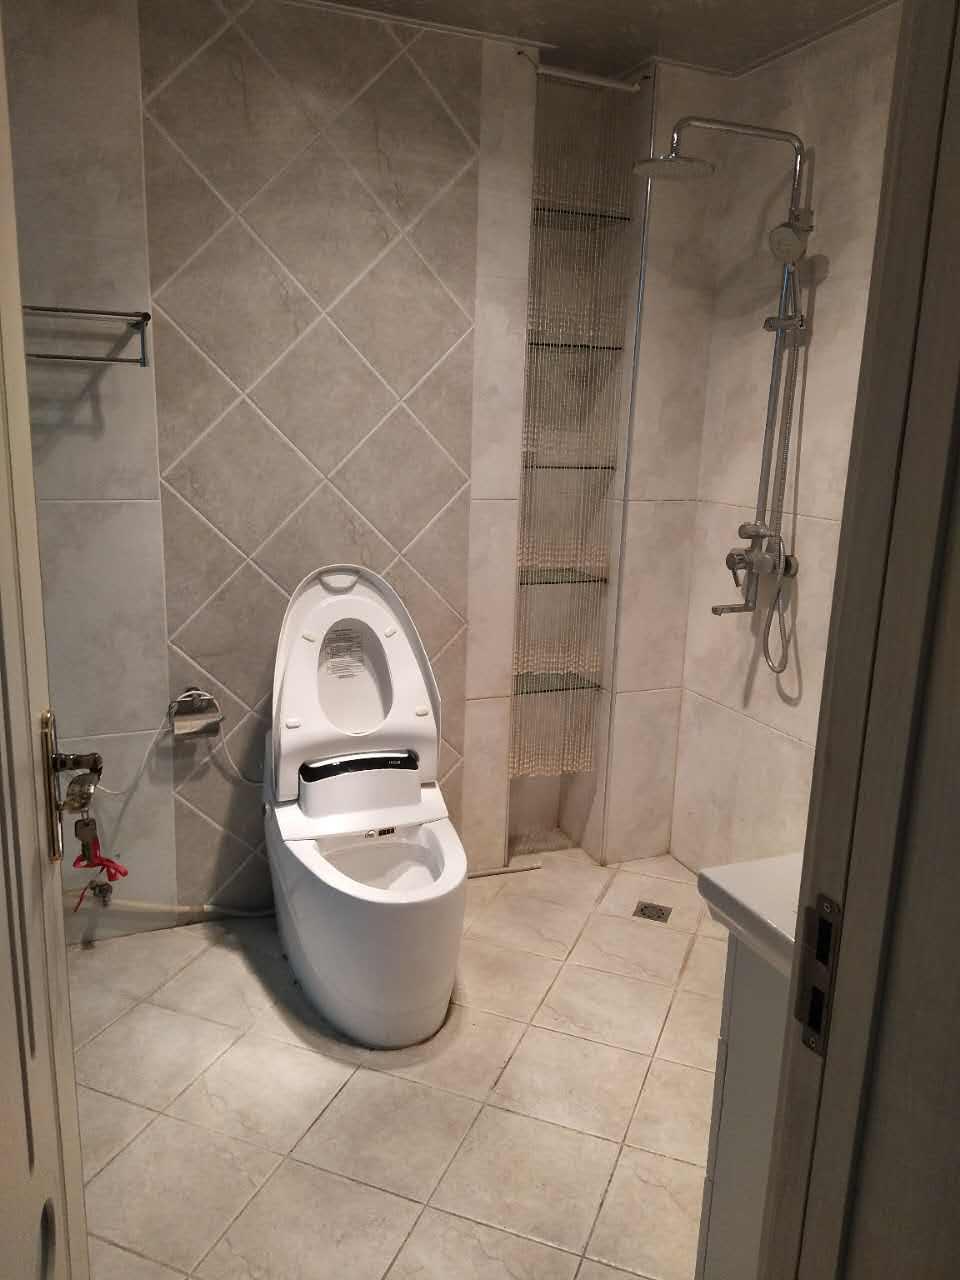 稀缺优质房源馨和苑115万 3室2厅1卫 精装修